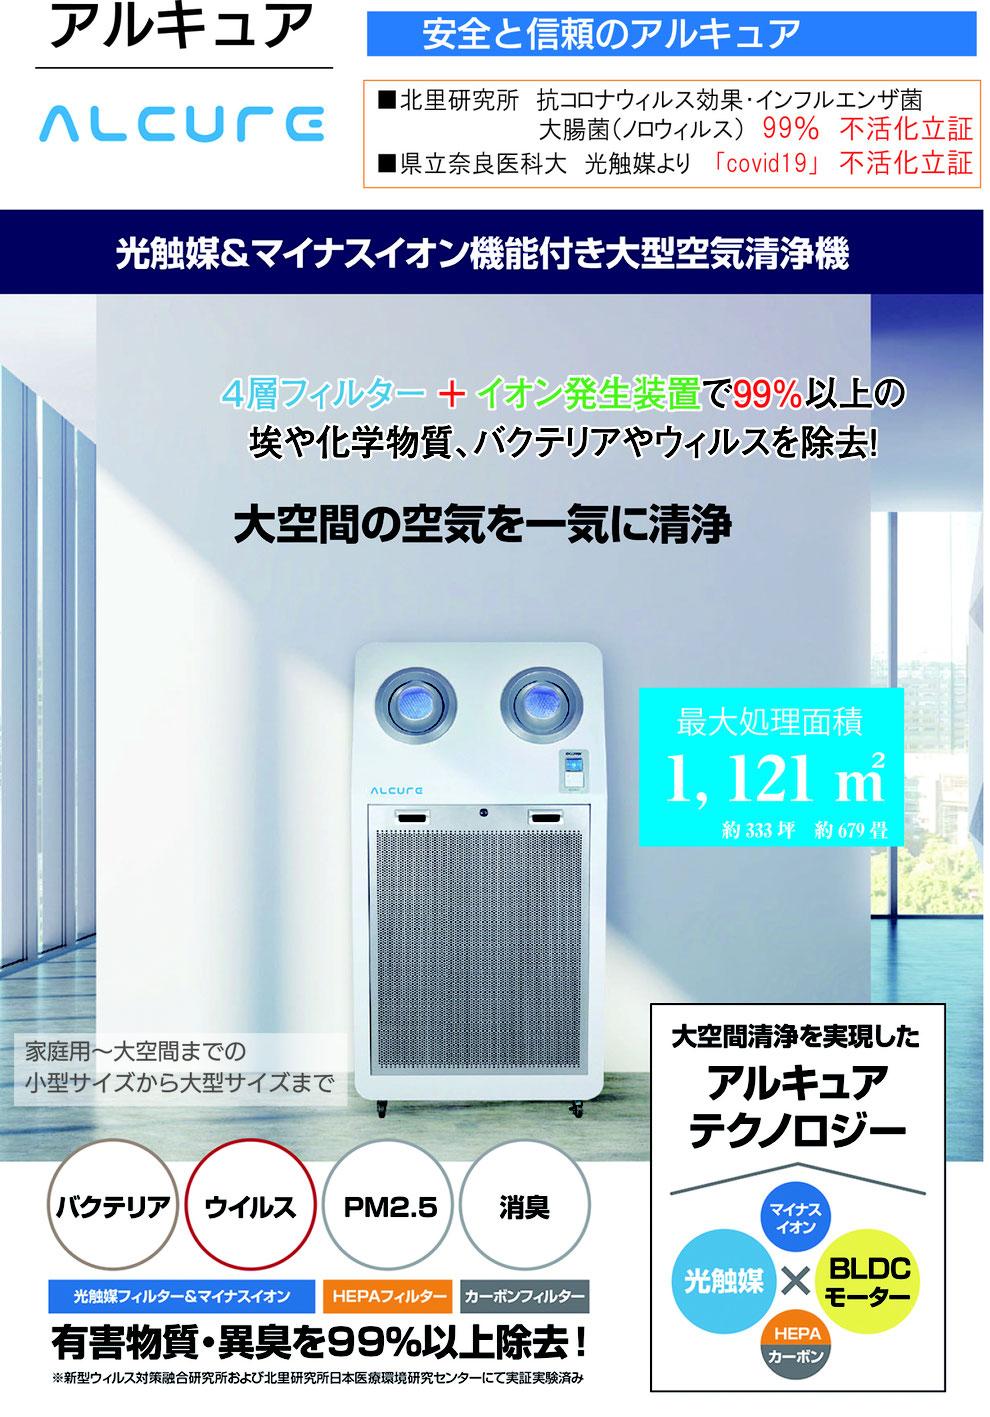 タイタネックス 生活空間の空気を常に清らかに保ち、コロナに負けない環境を作る新しい空間洗浄サービス